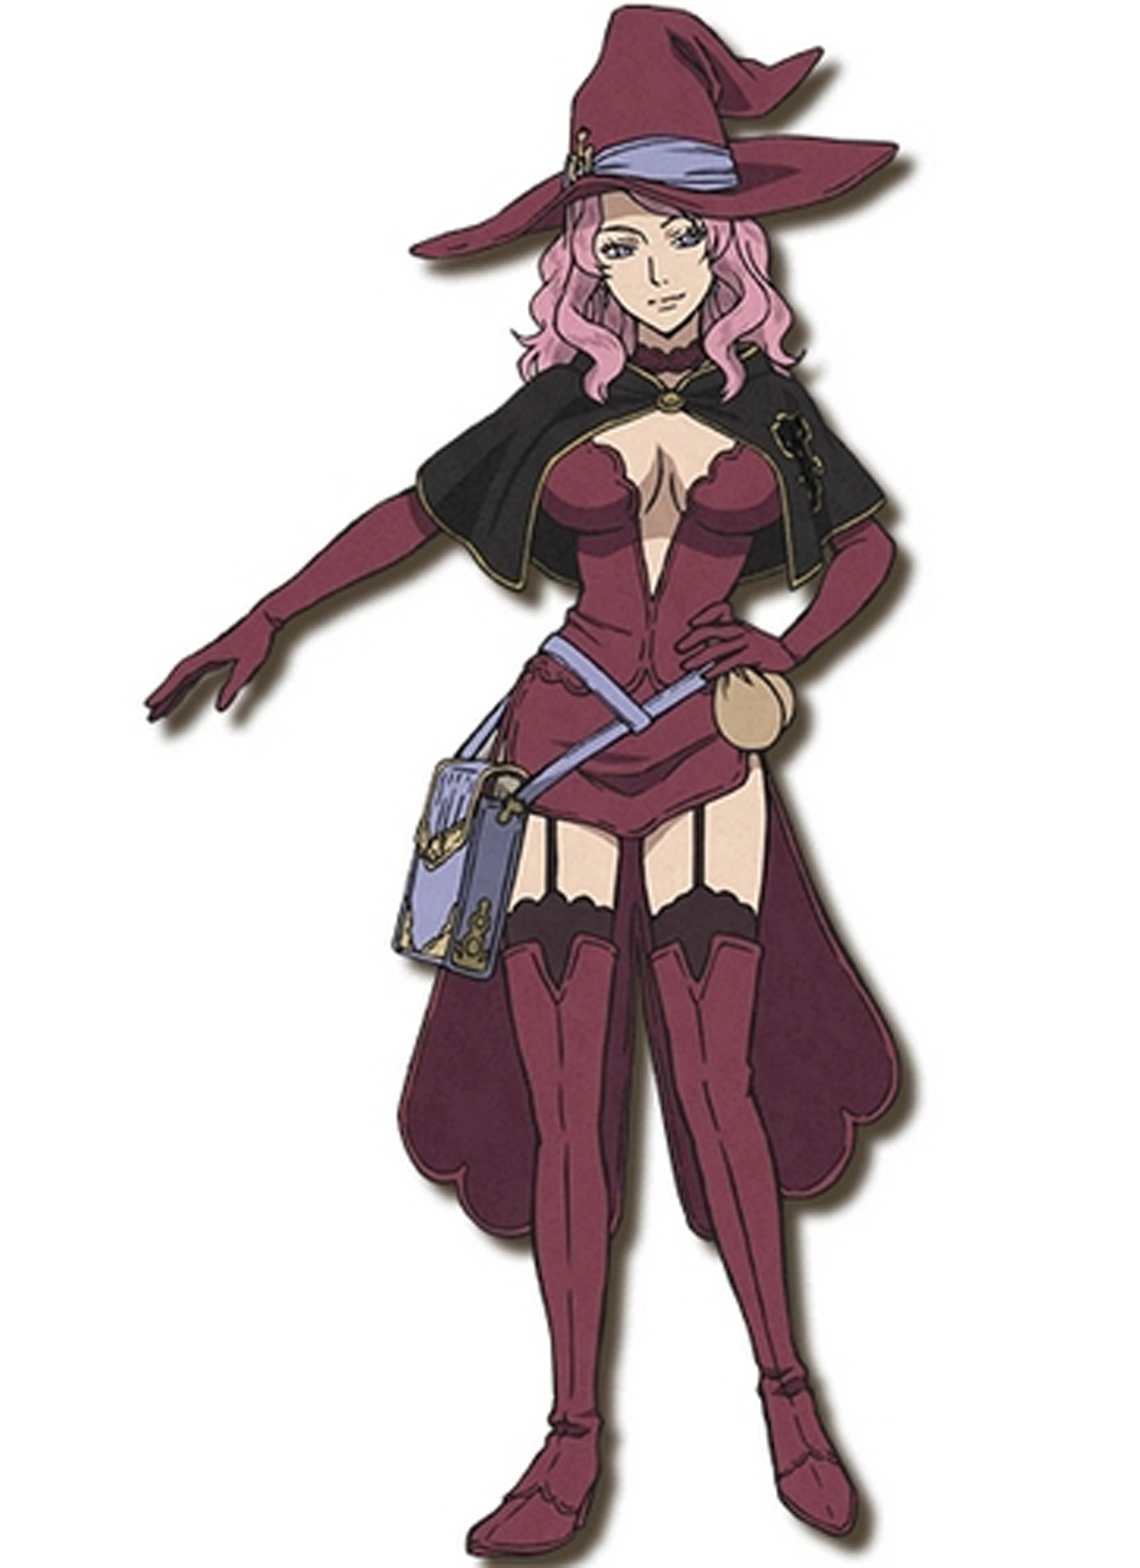 Vanessa Black Clover Anime Black Bull Queen Anime